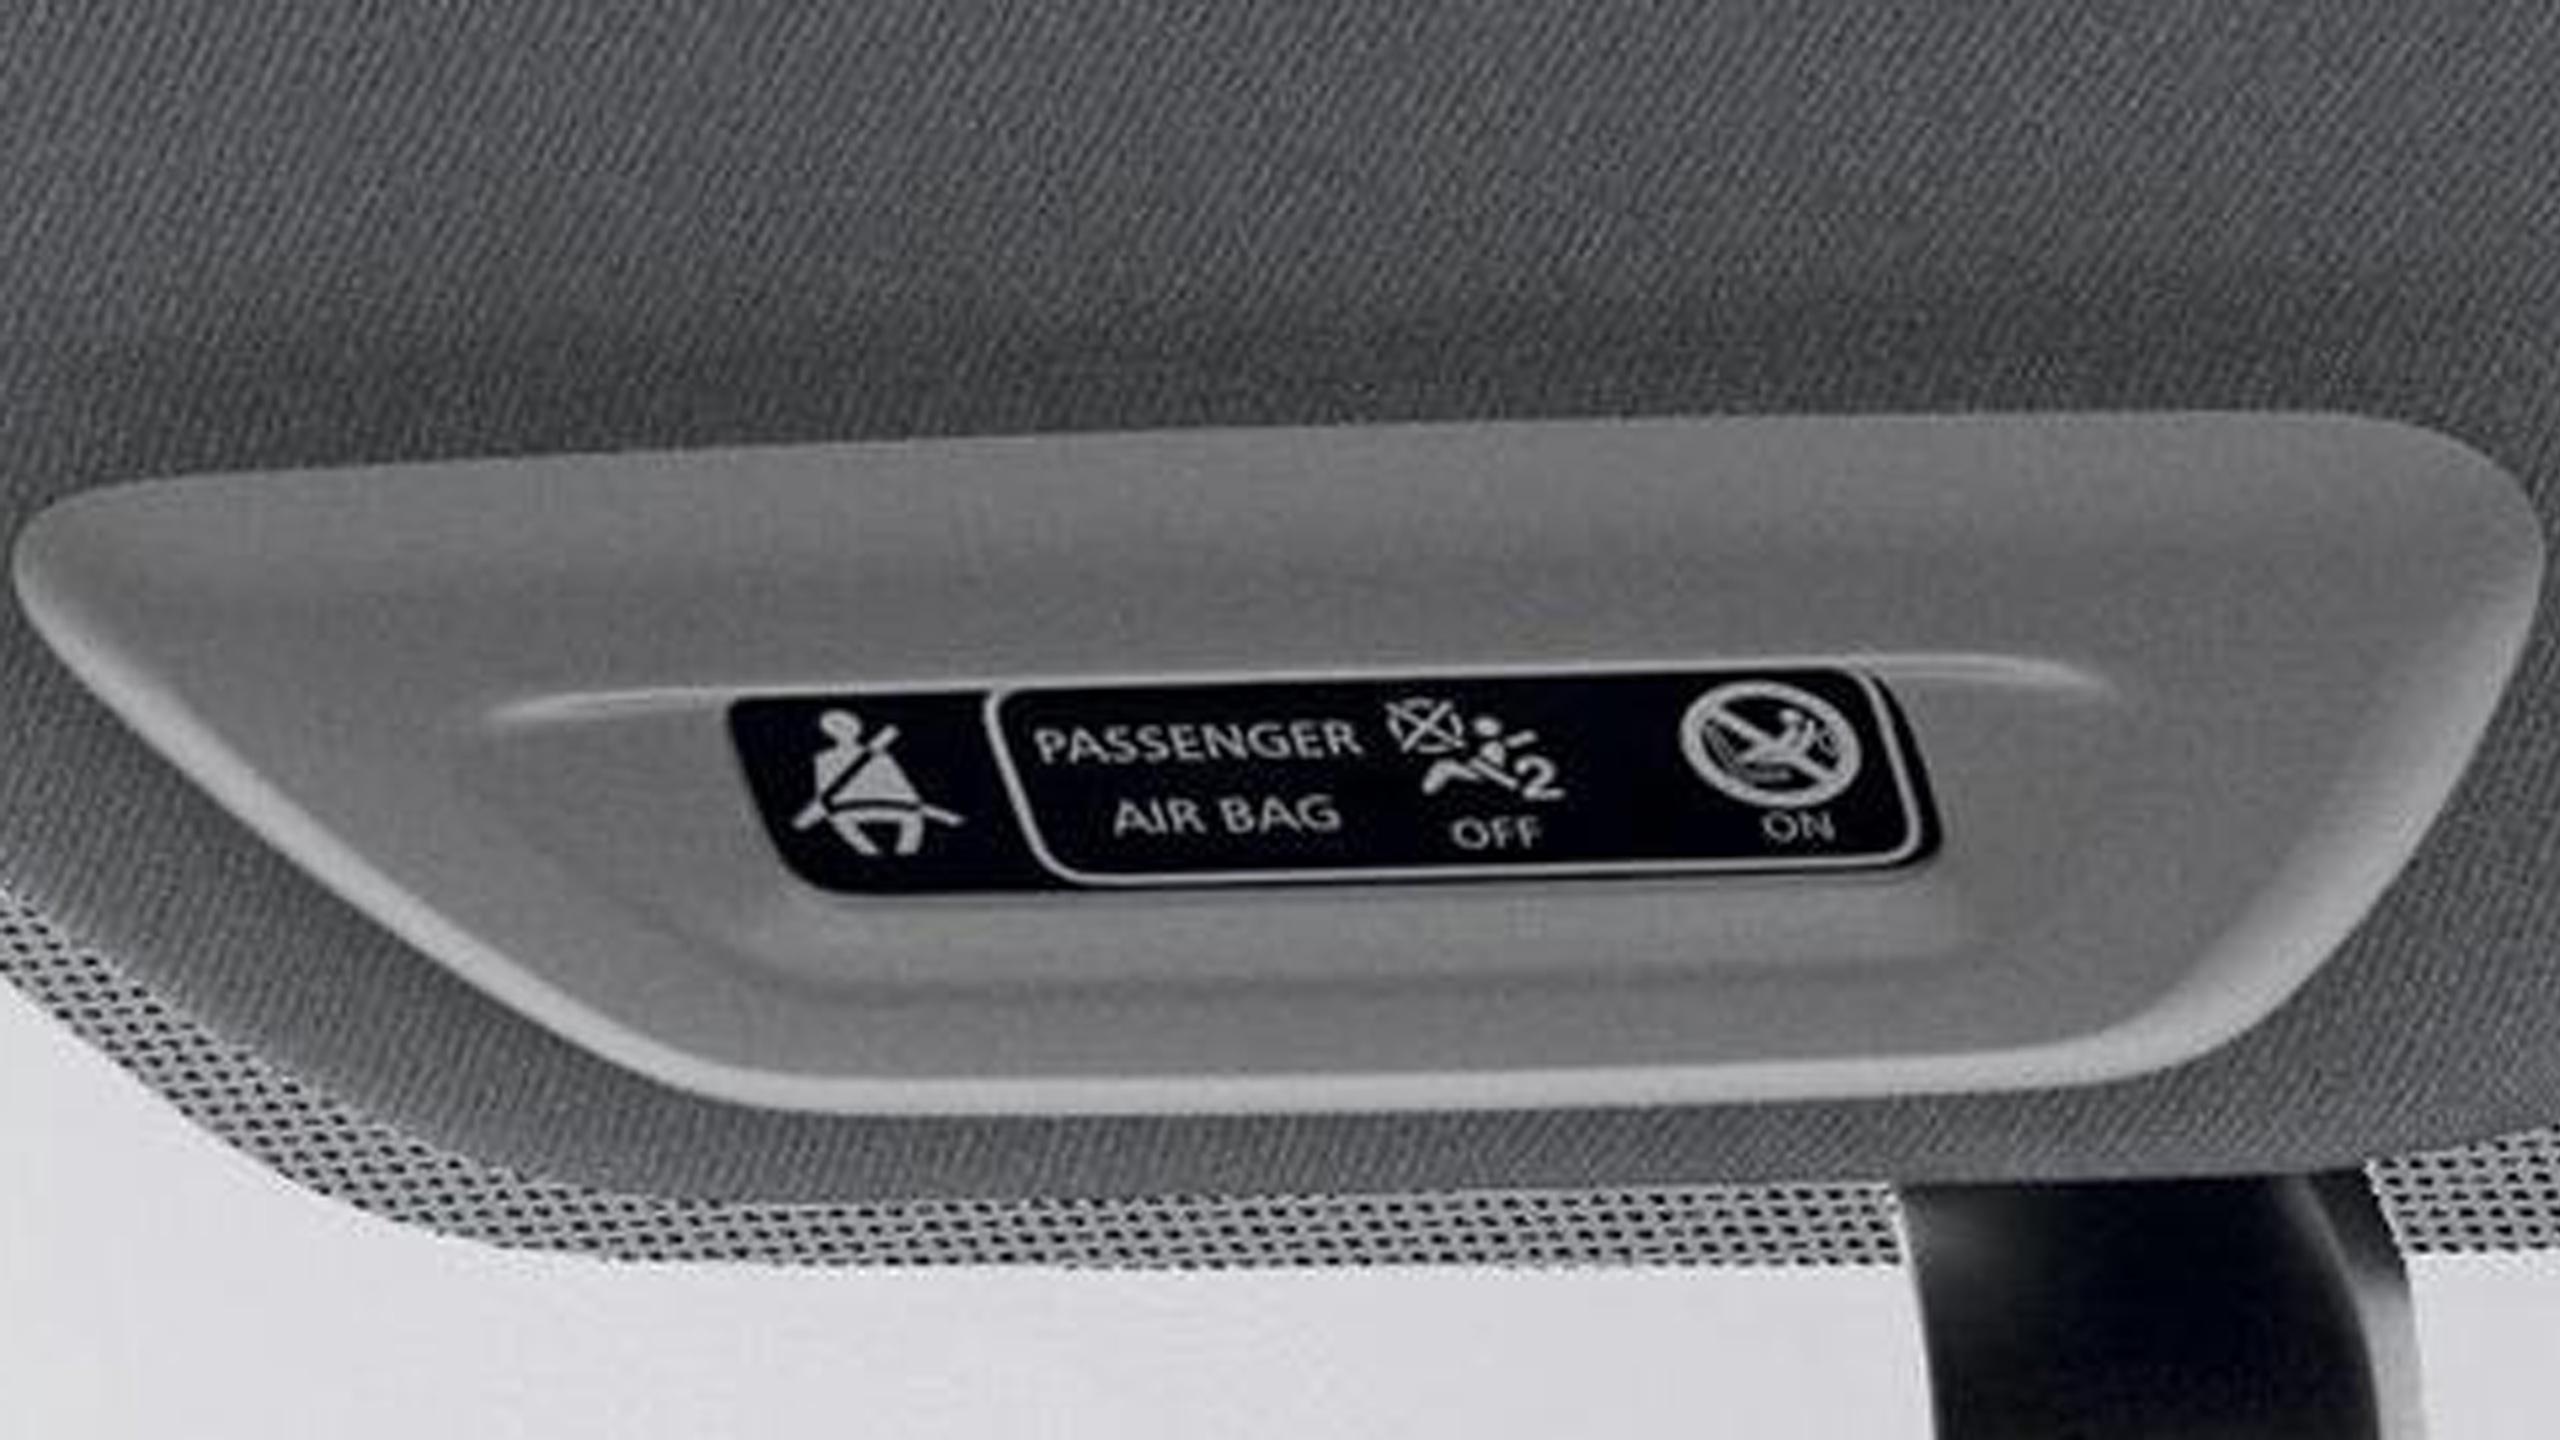 Sürücü ve ön yolcu emniyet kemeri takılı değil görsel ve sesli uyarı